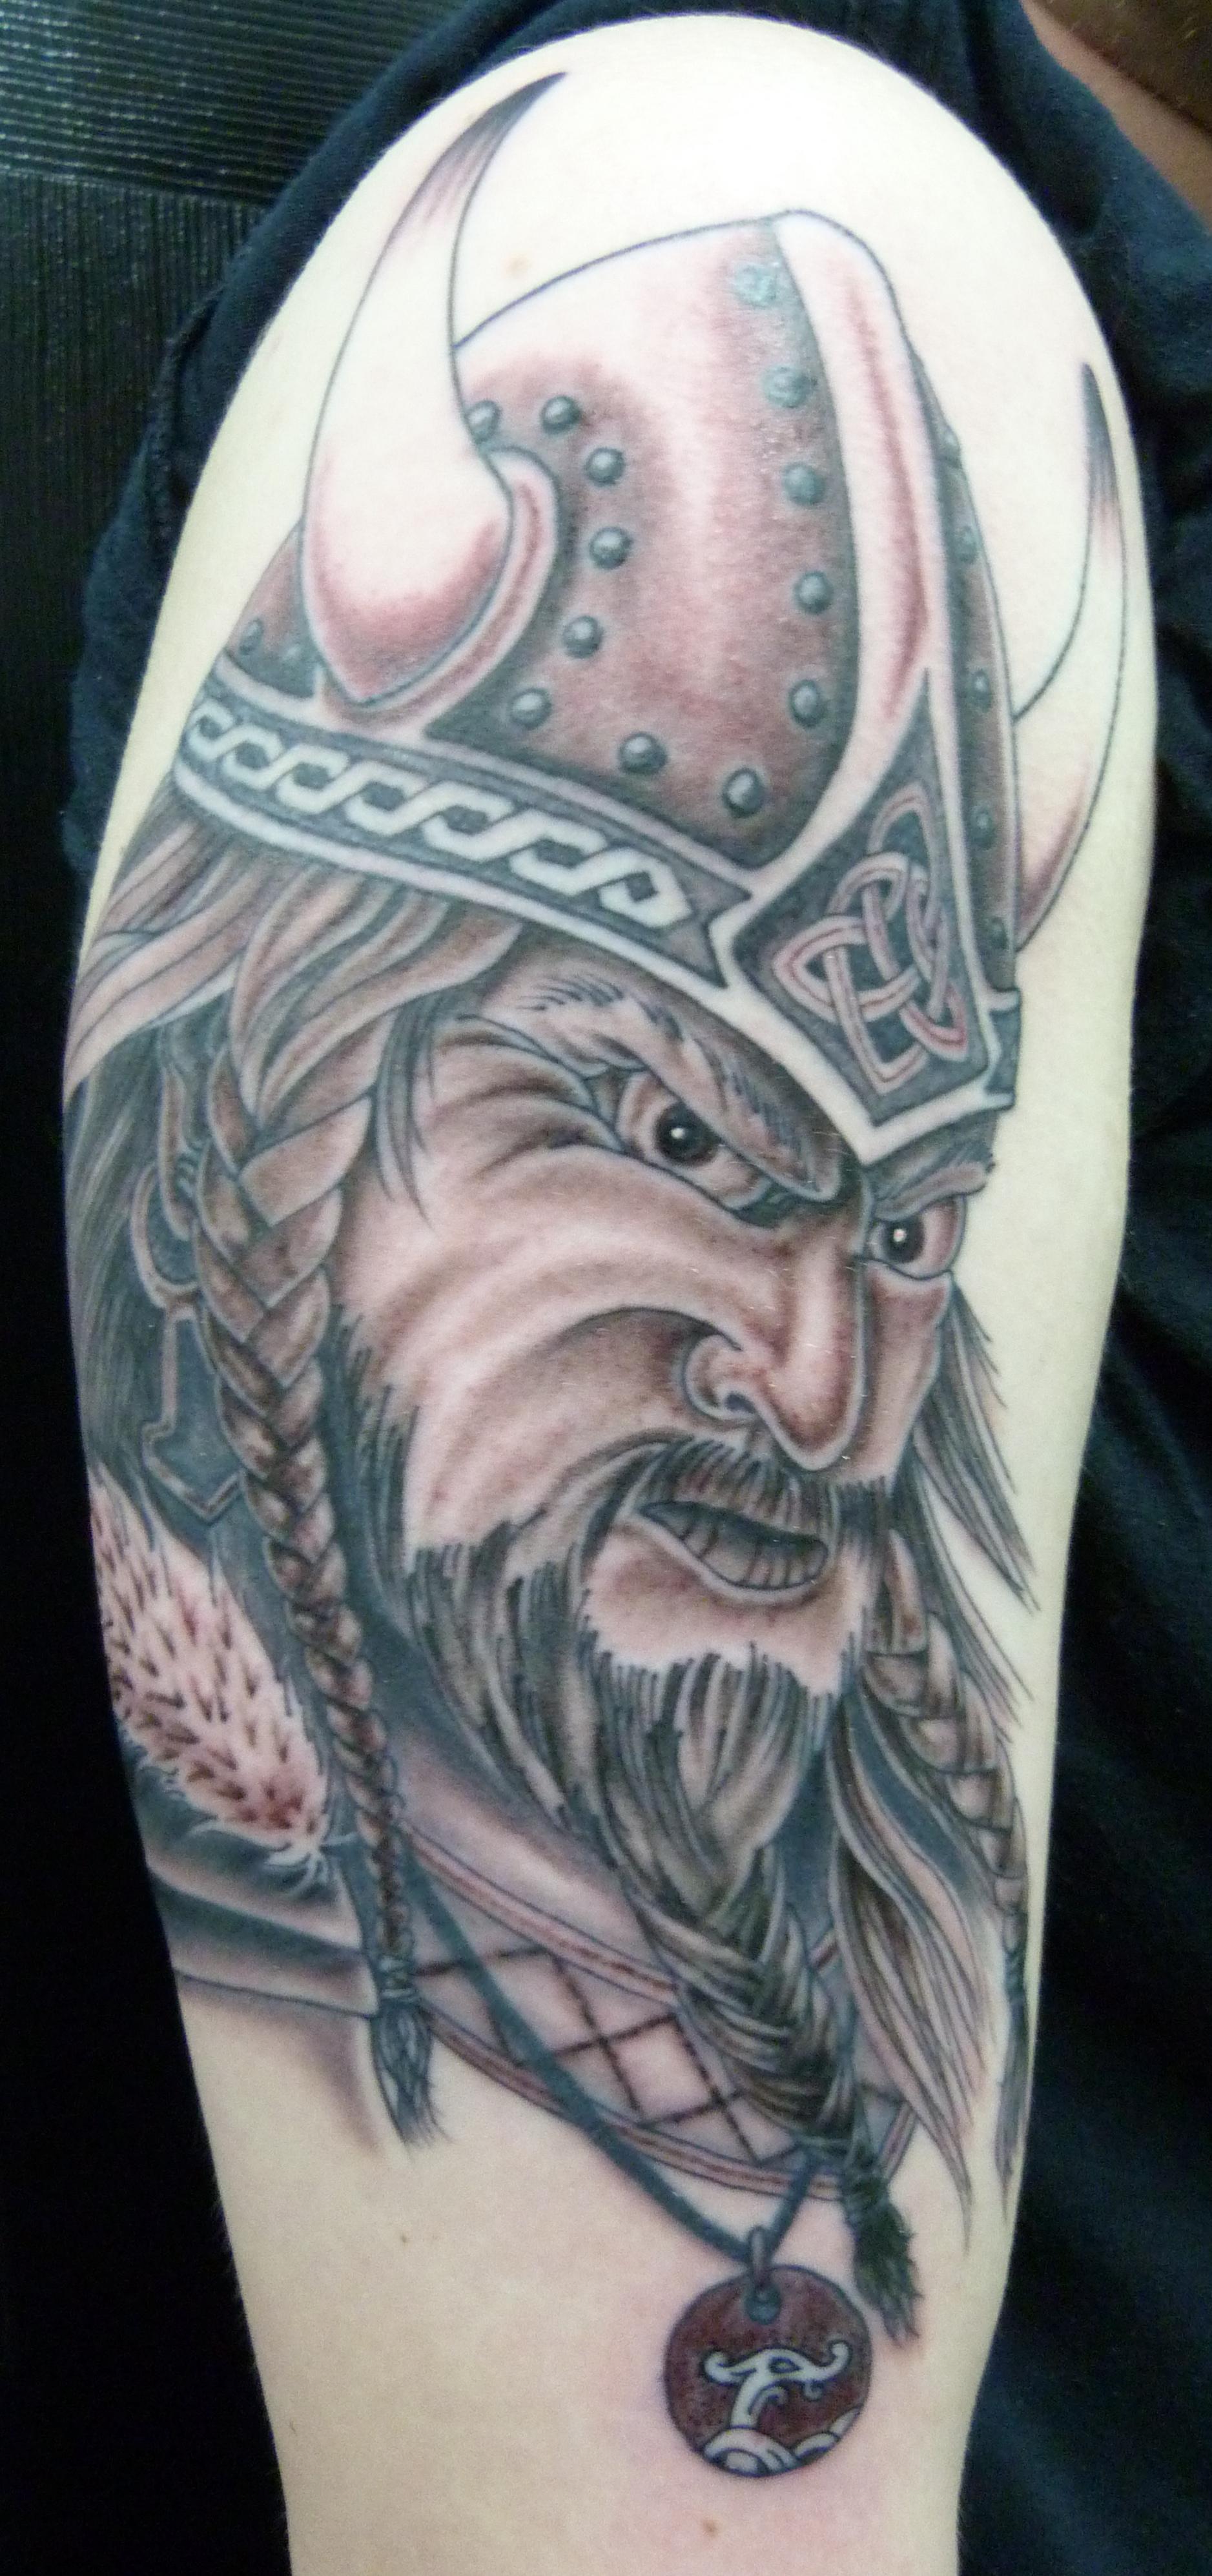 Roman Legion Tattoo SPQR